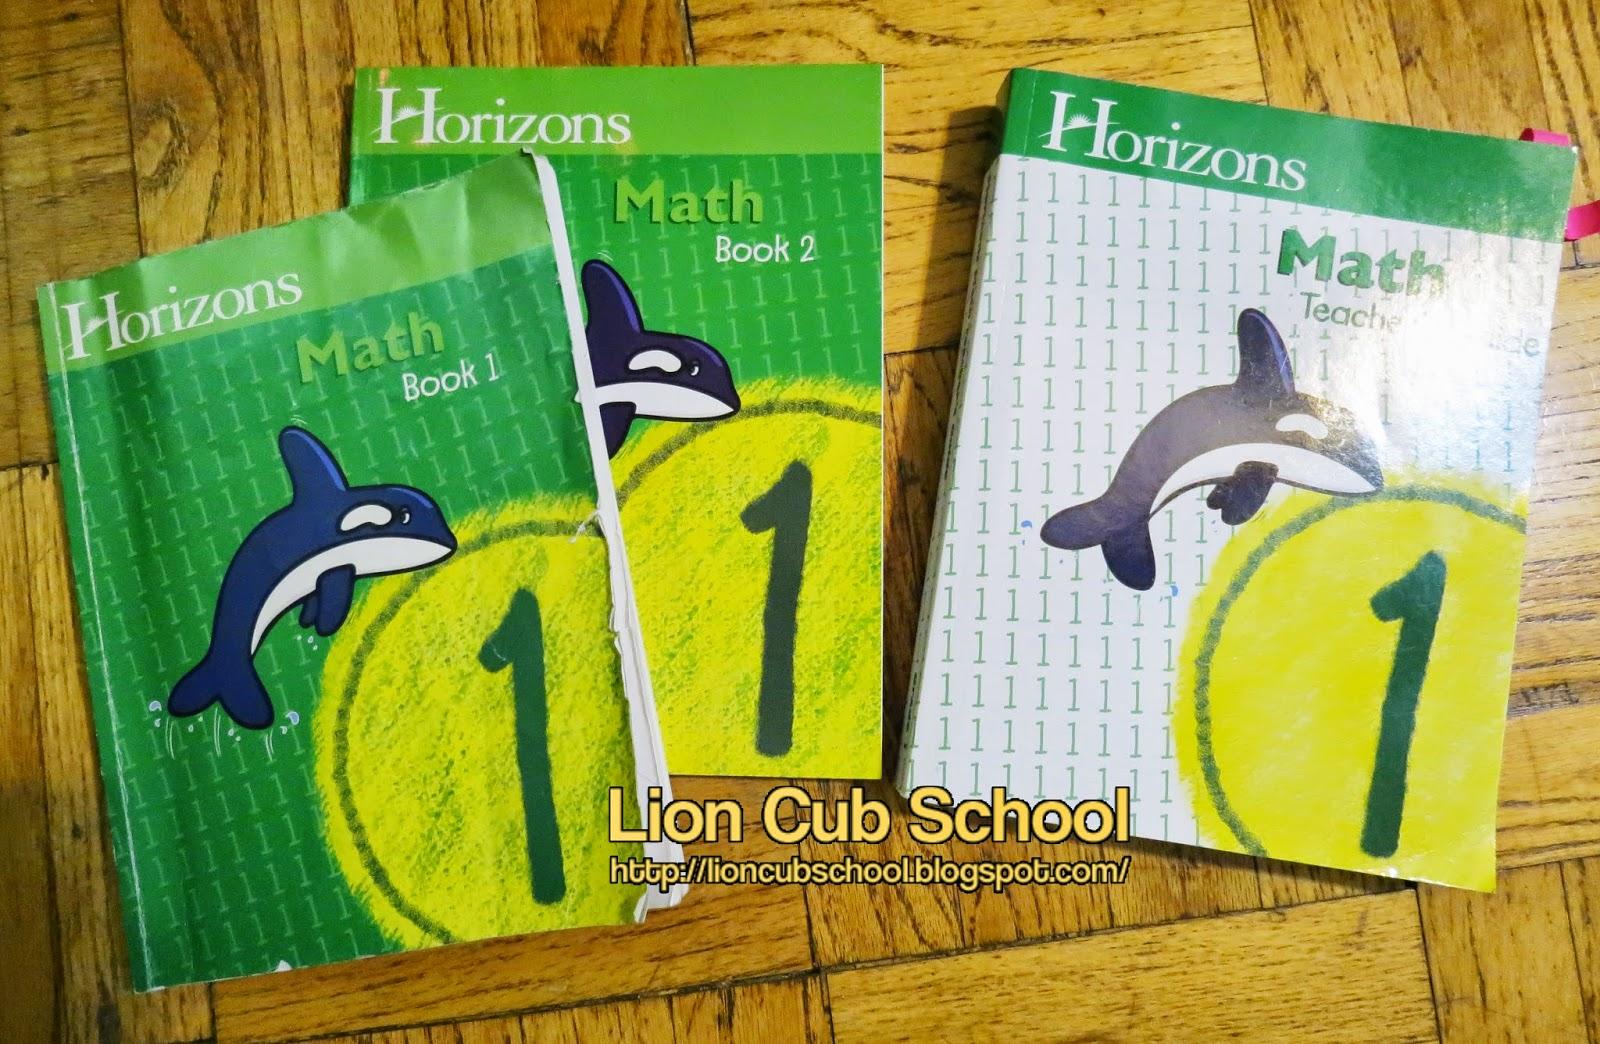 Worksheet Grade 1 Math Curriculum lion cub school homeschool curriculum review horizon math grade 1 1